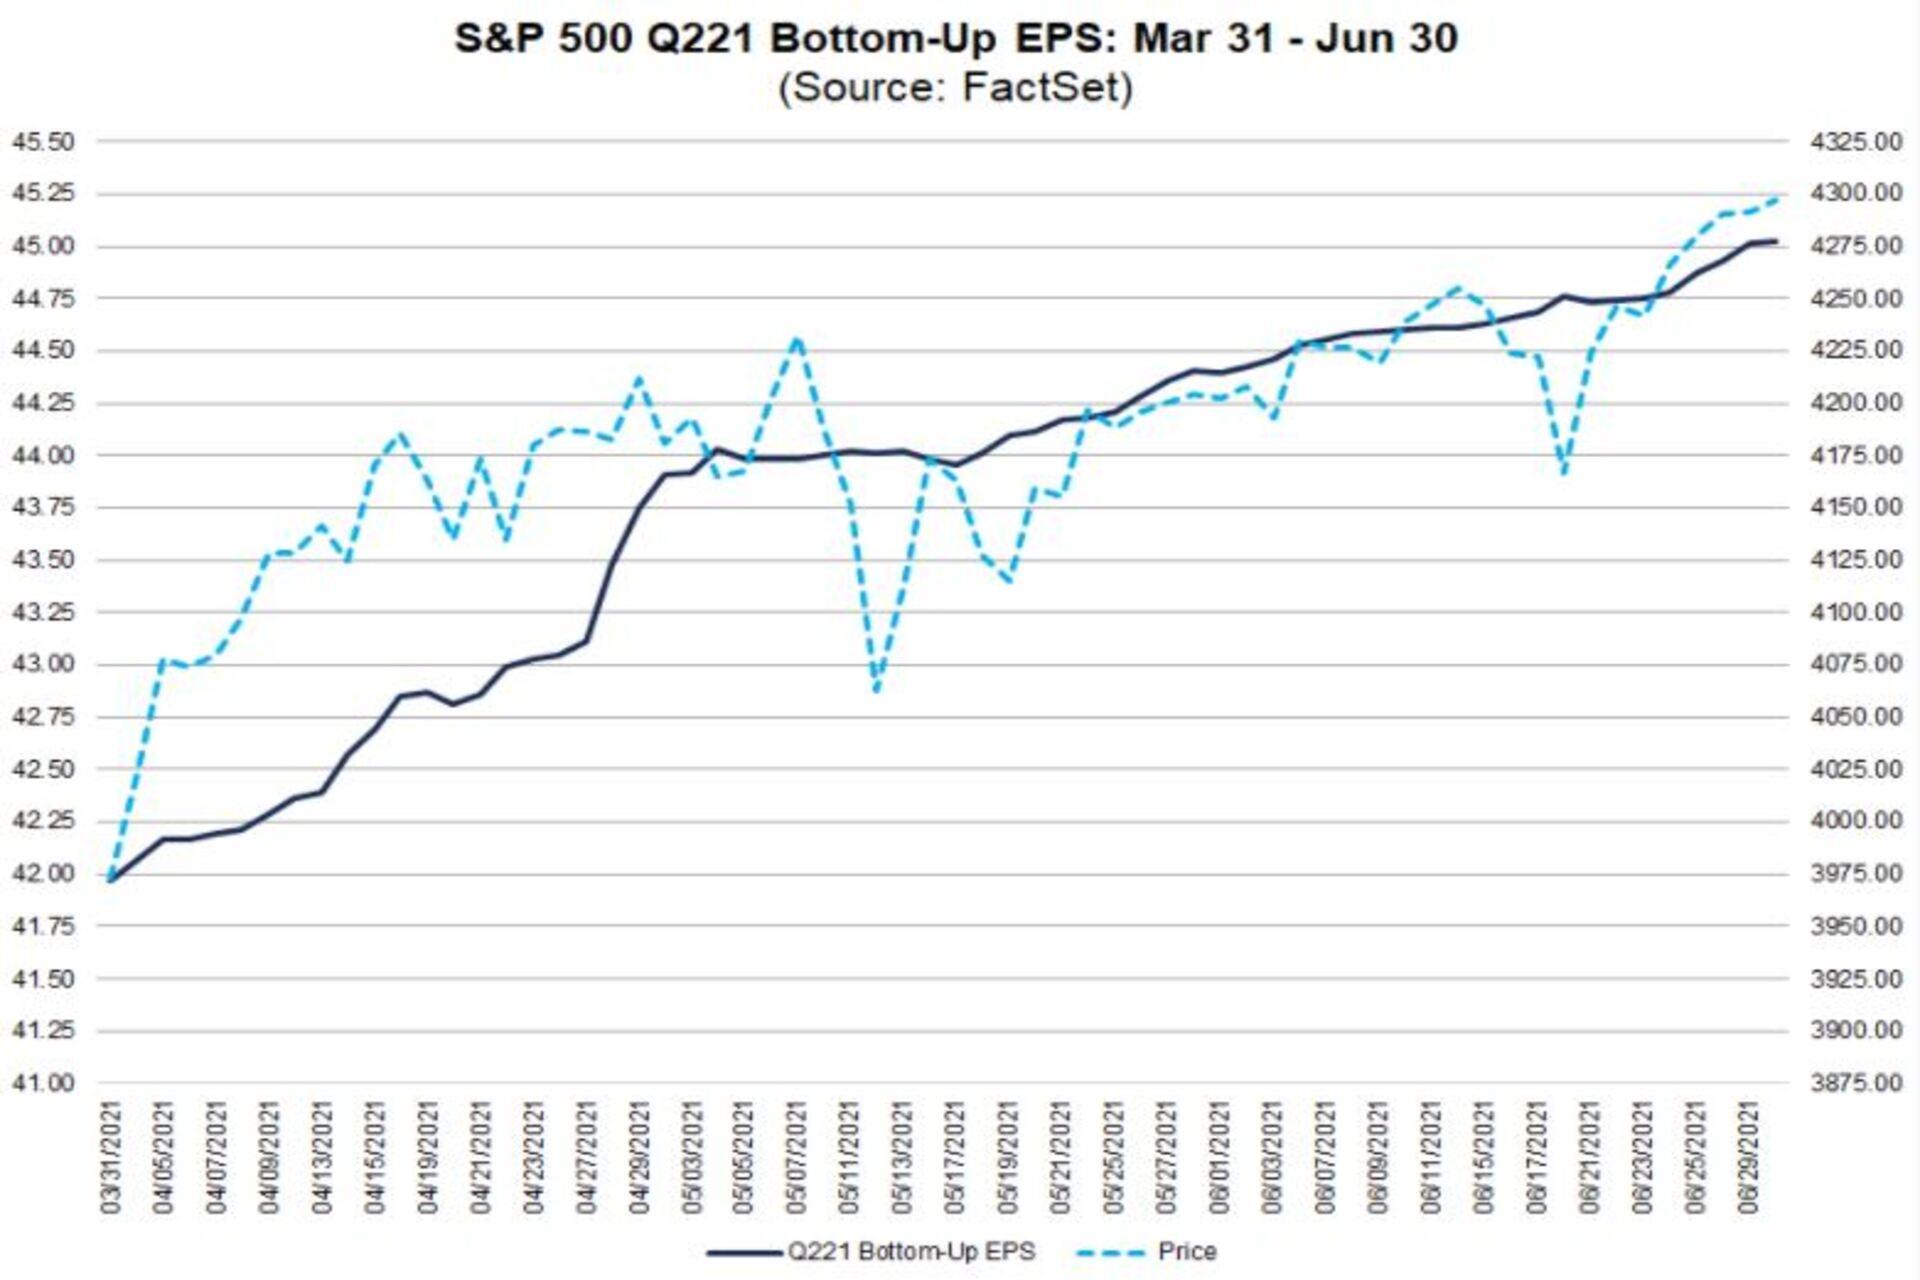 SP500 EPS estimates vs. SP chart